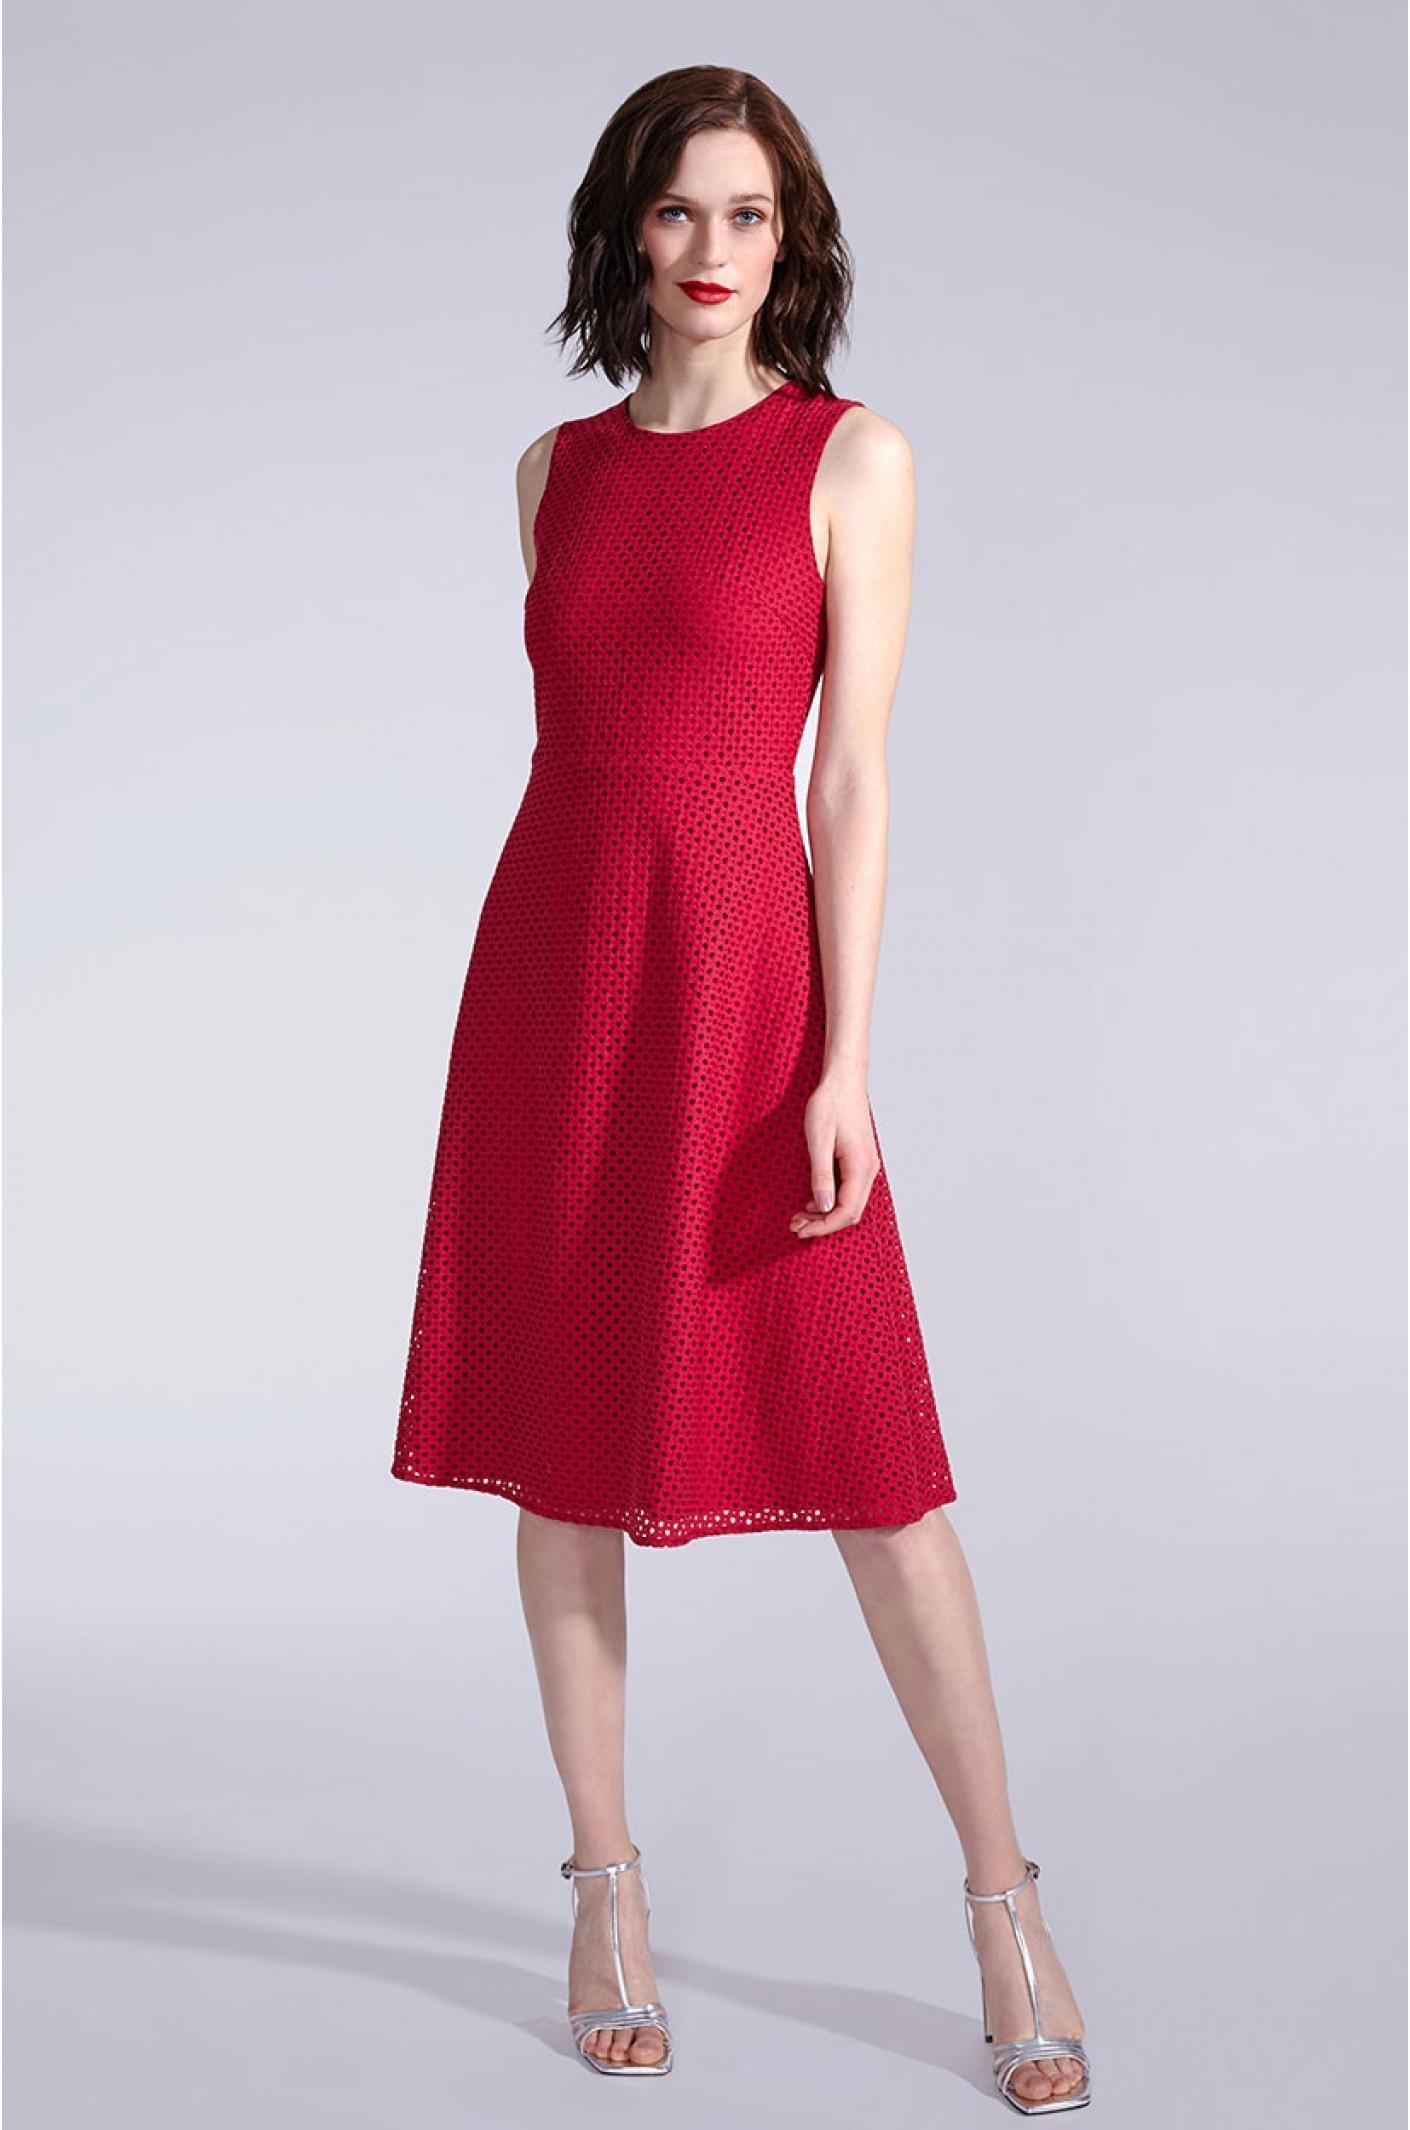 Genial Moderne Elegante Kleider Stylish17 Schön Moderne Elegante Kleider Vertrieb